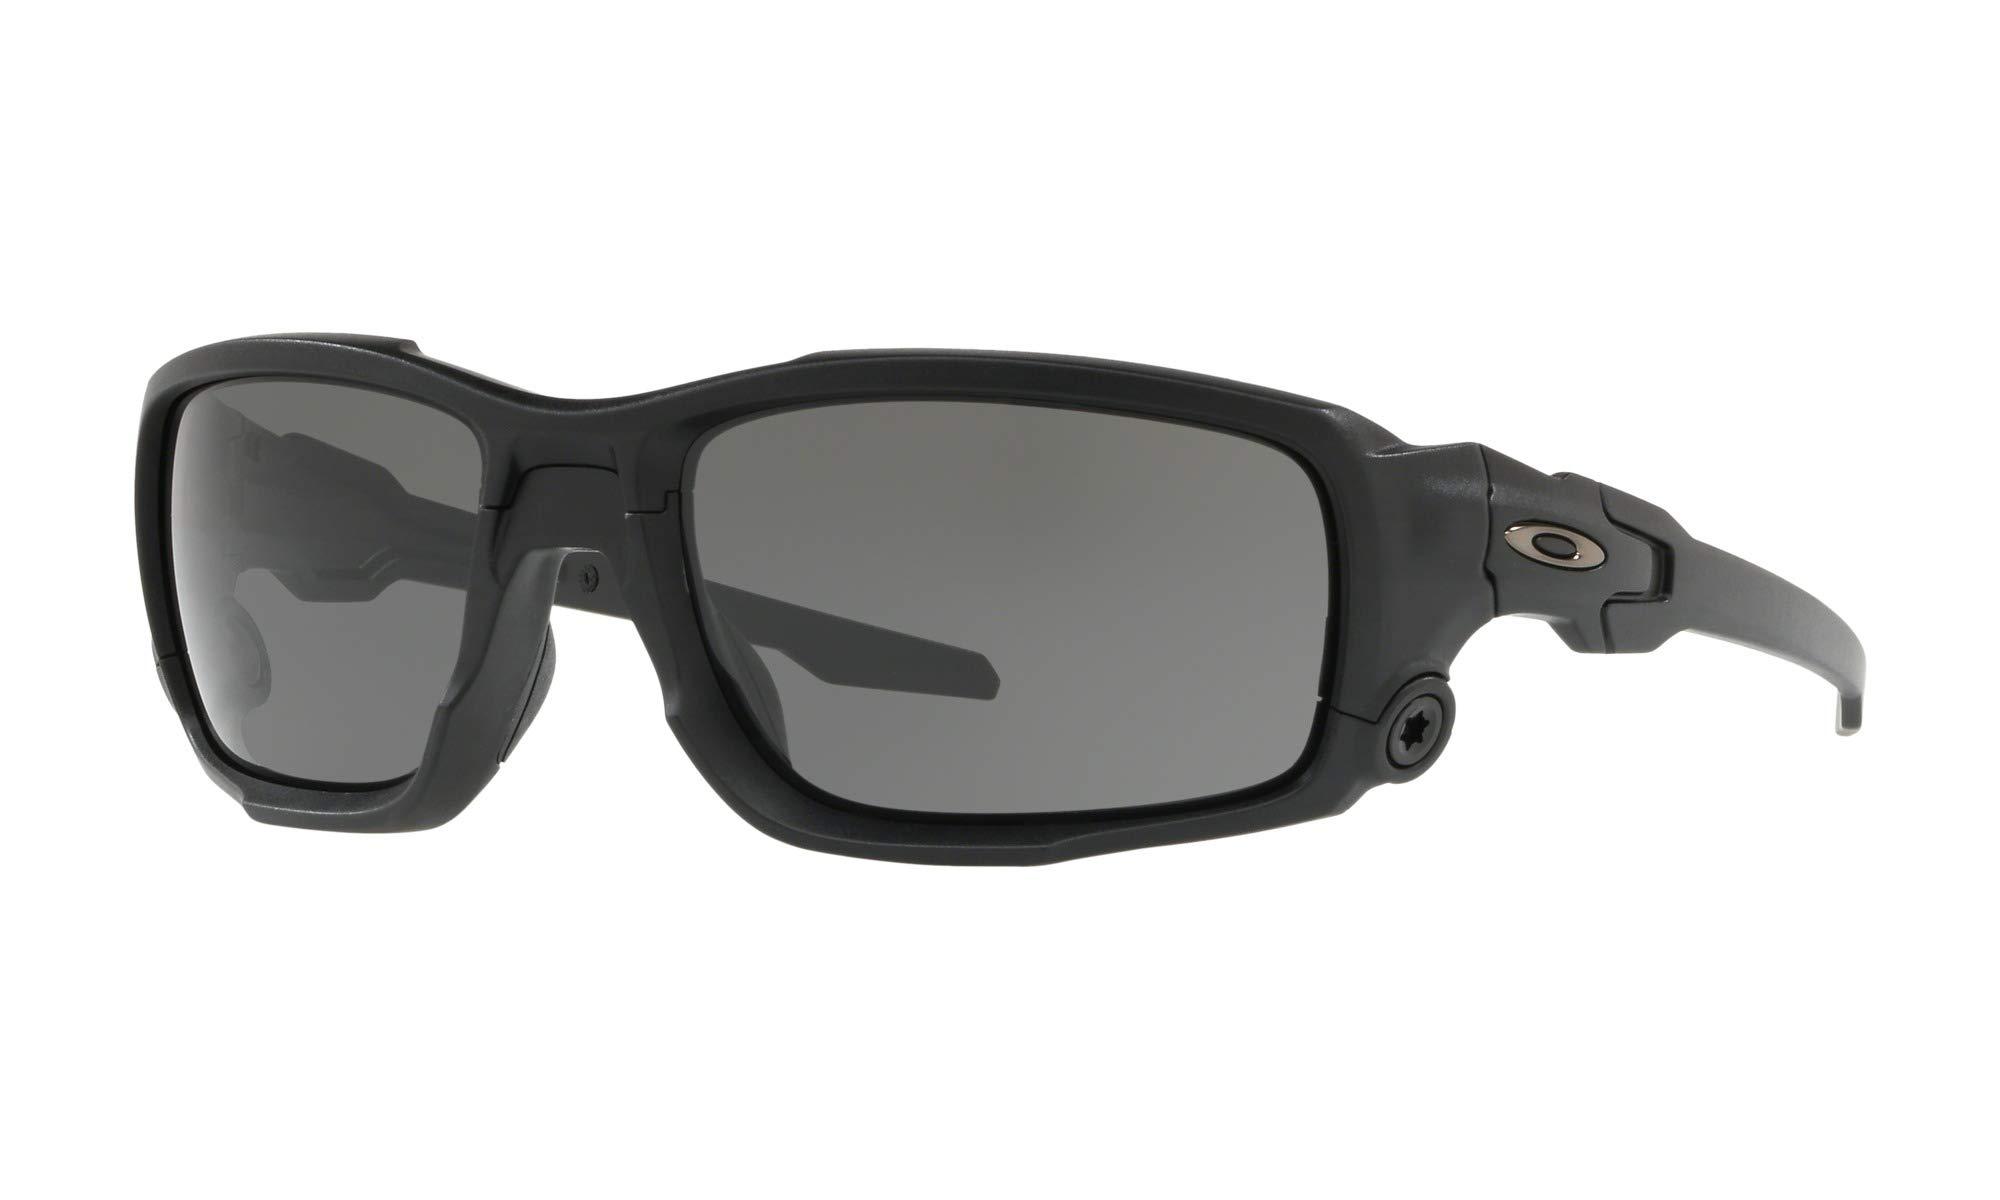 Oakley Men's Standard Issue Ballistic Shocktube Sunglasses,OS,Matte Black/Grey by Oakley